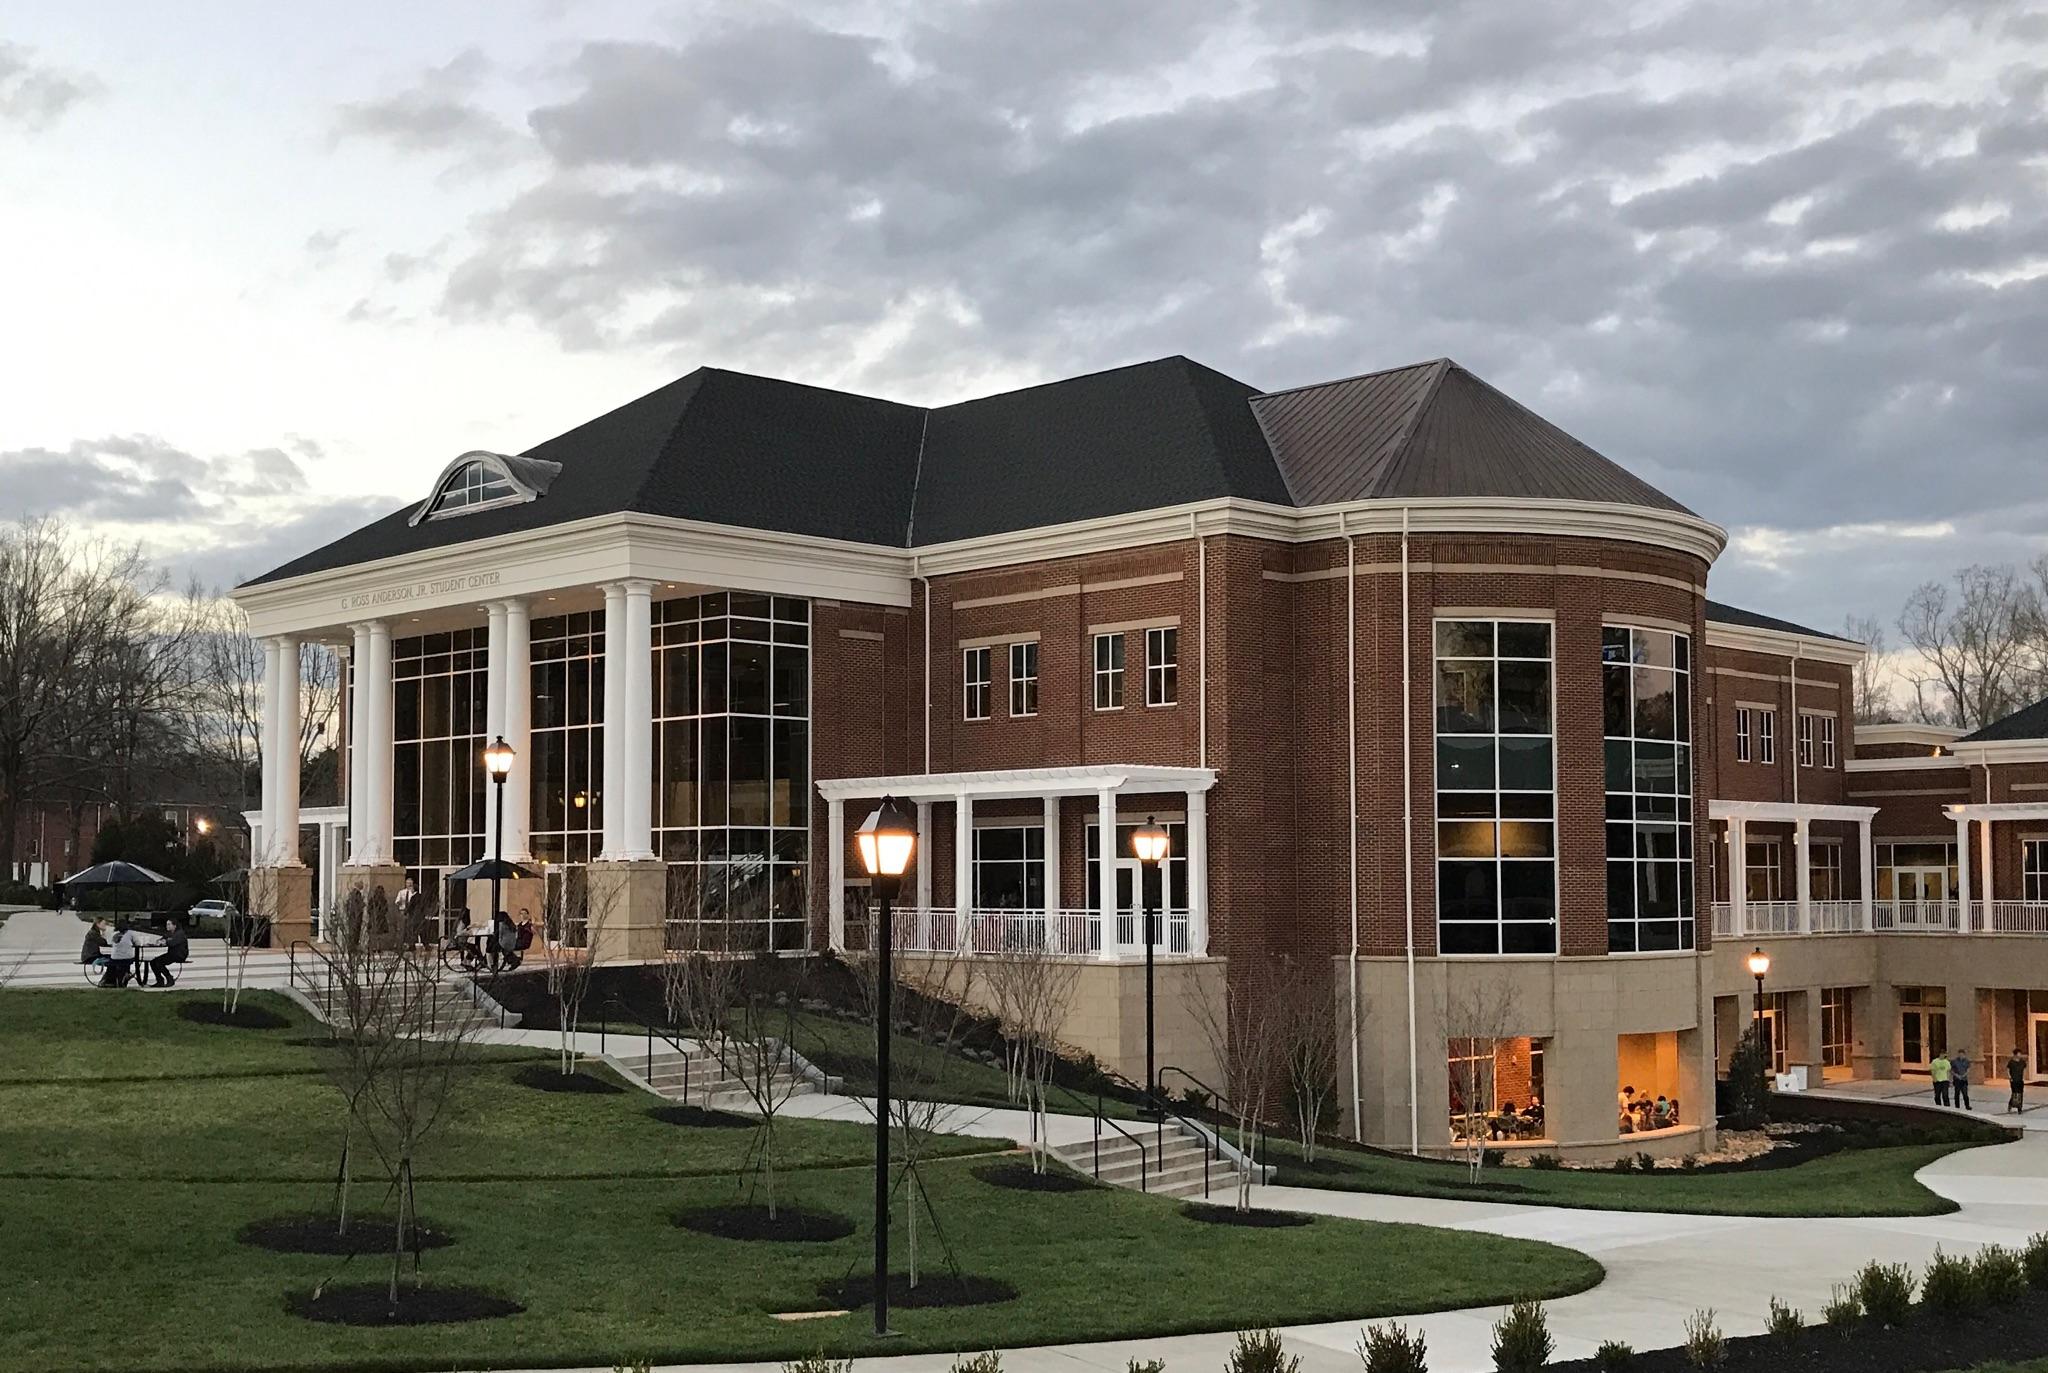 Anderson University Campus